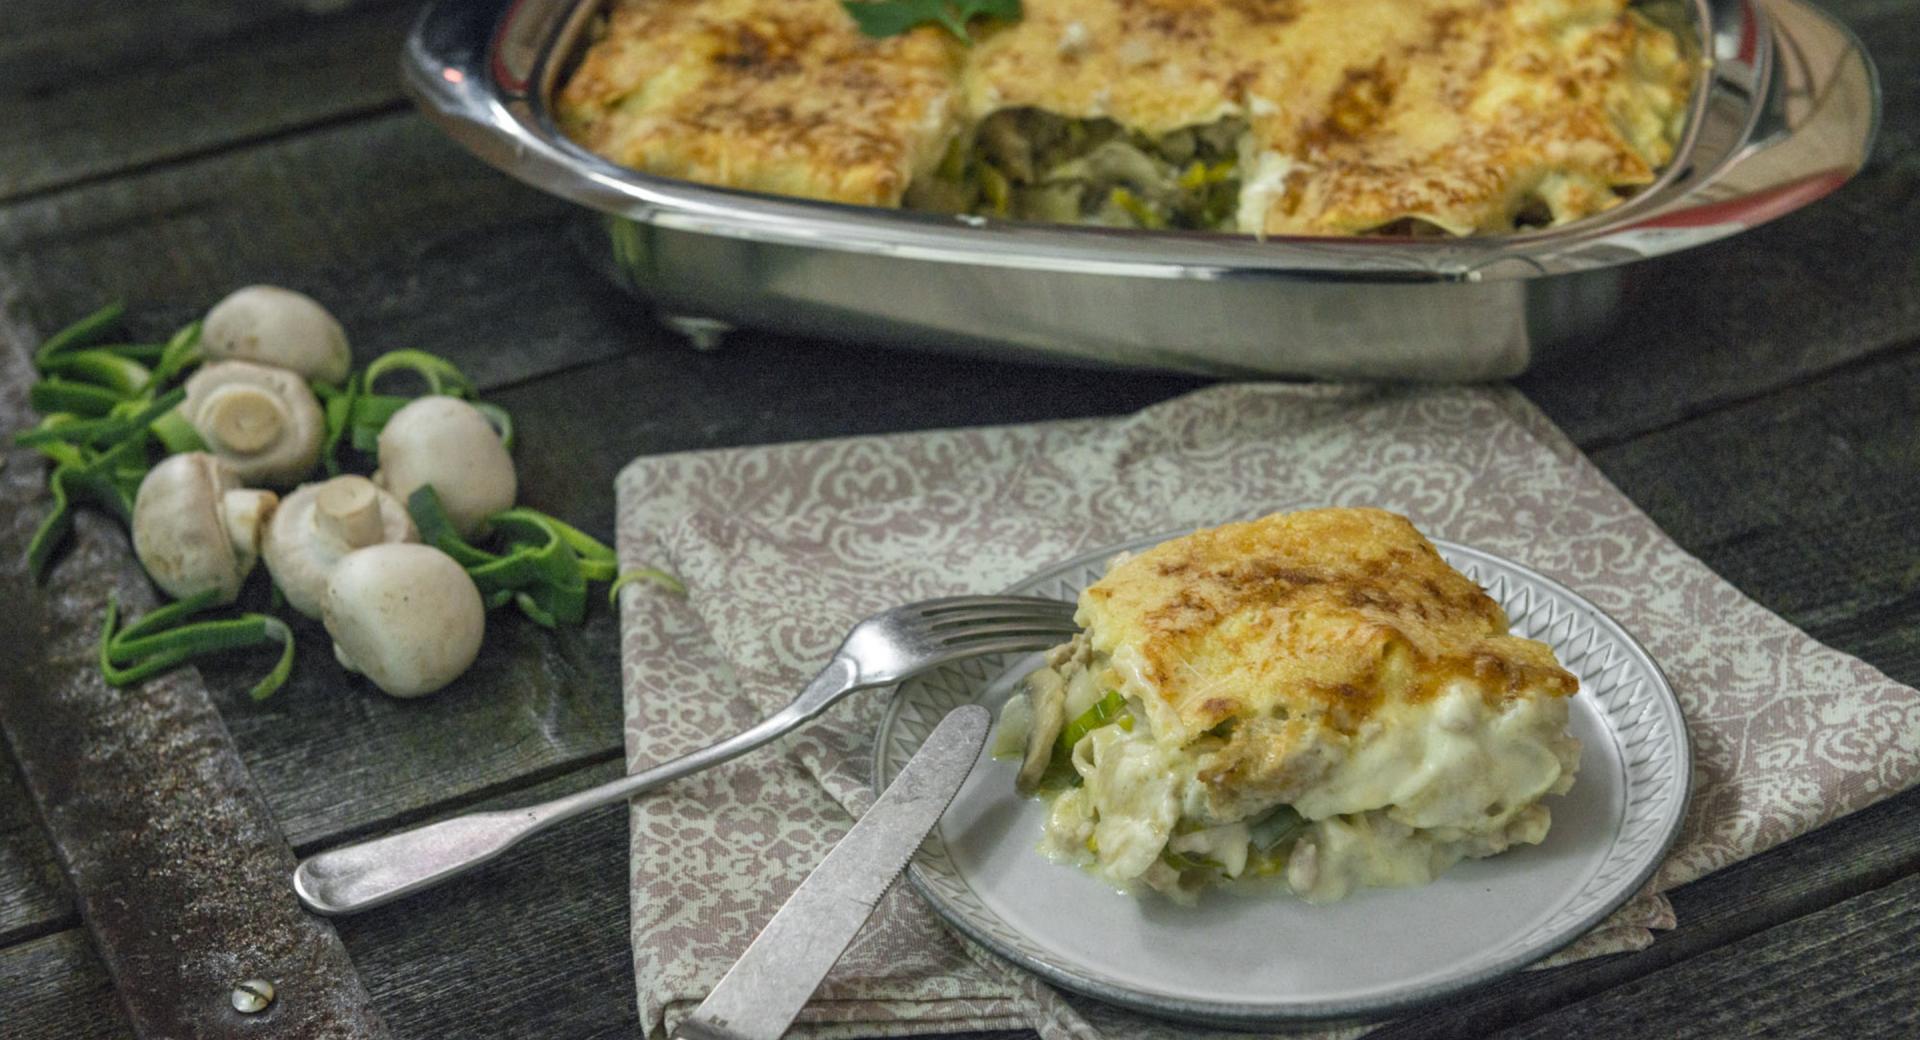 Lasaña de pollo y verdura